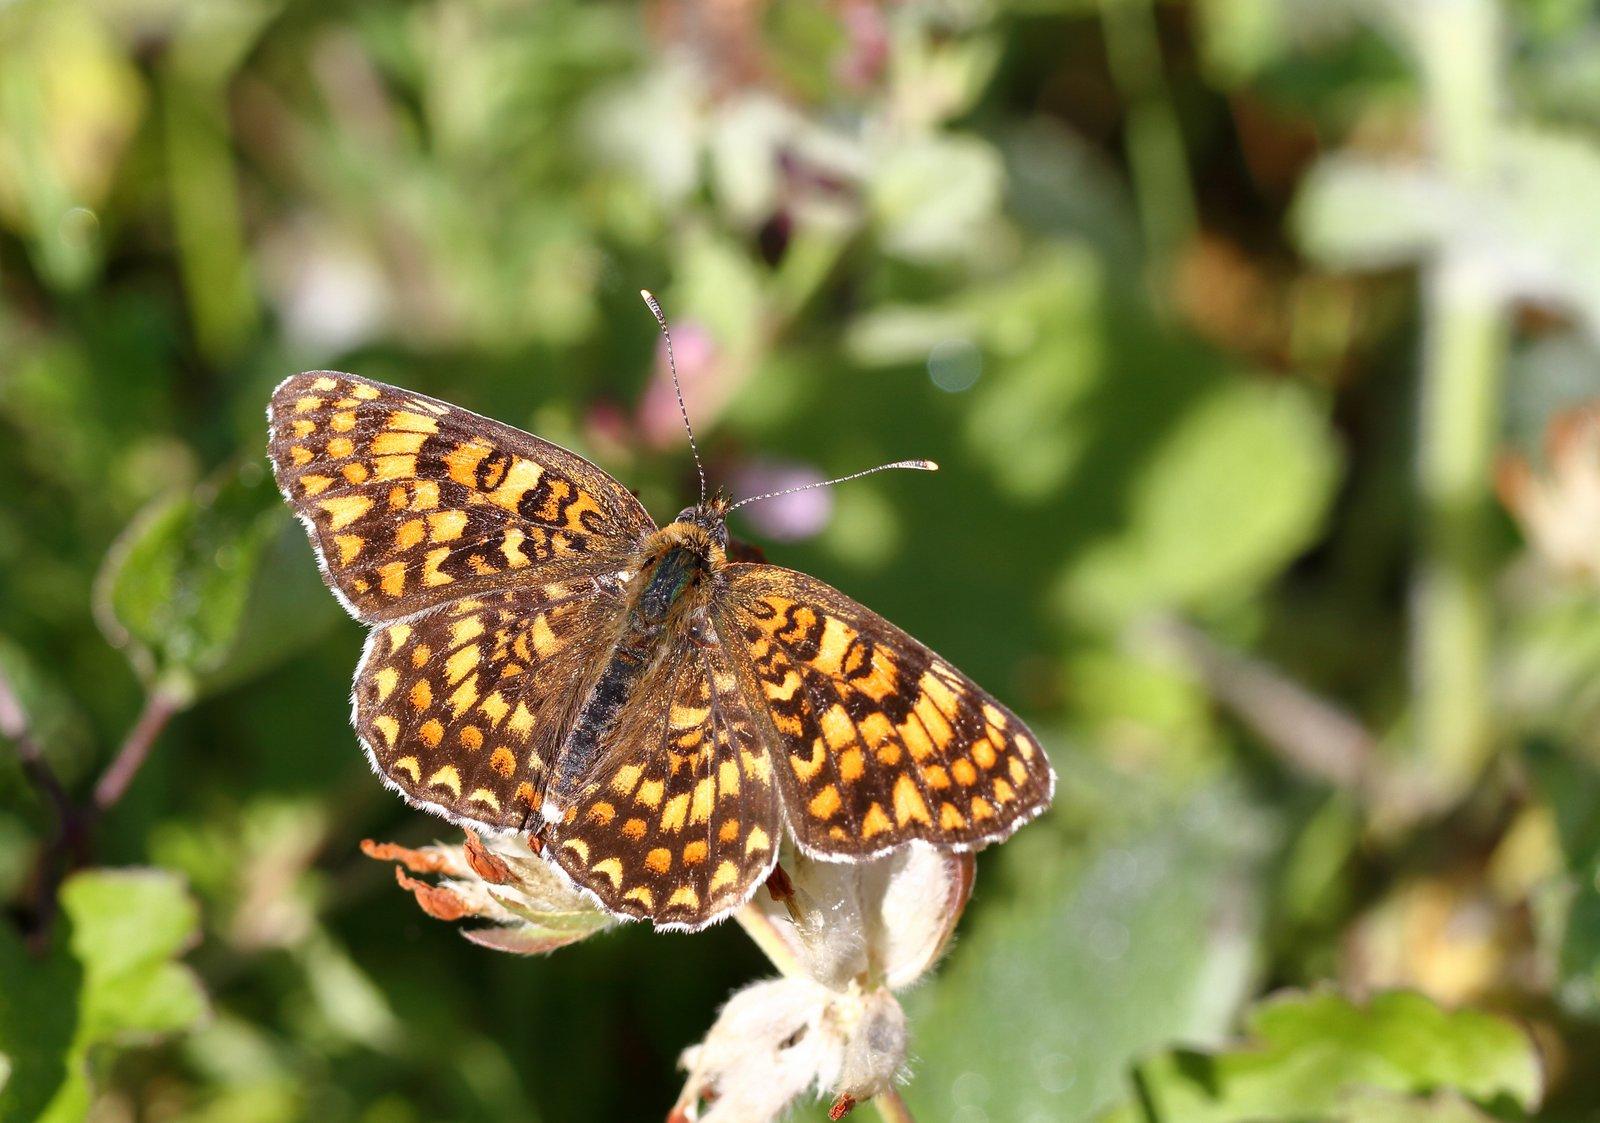 Torskemundpletvinge, Melitaea phoebe